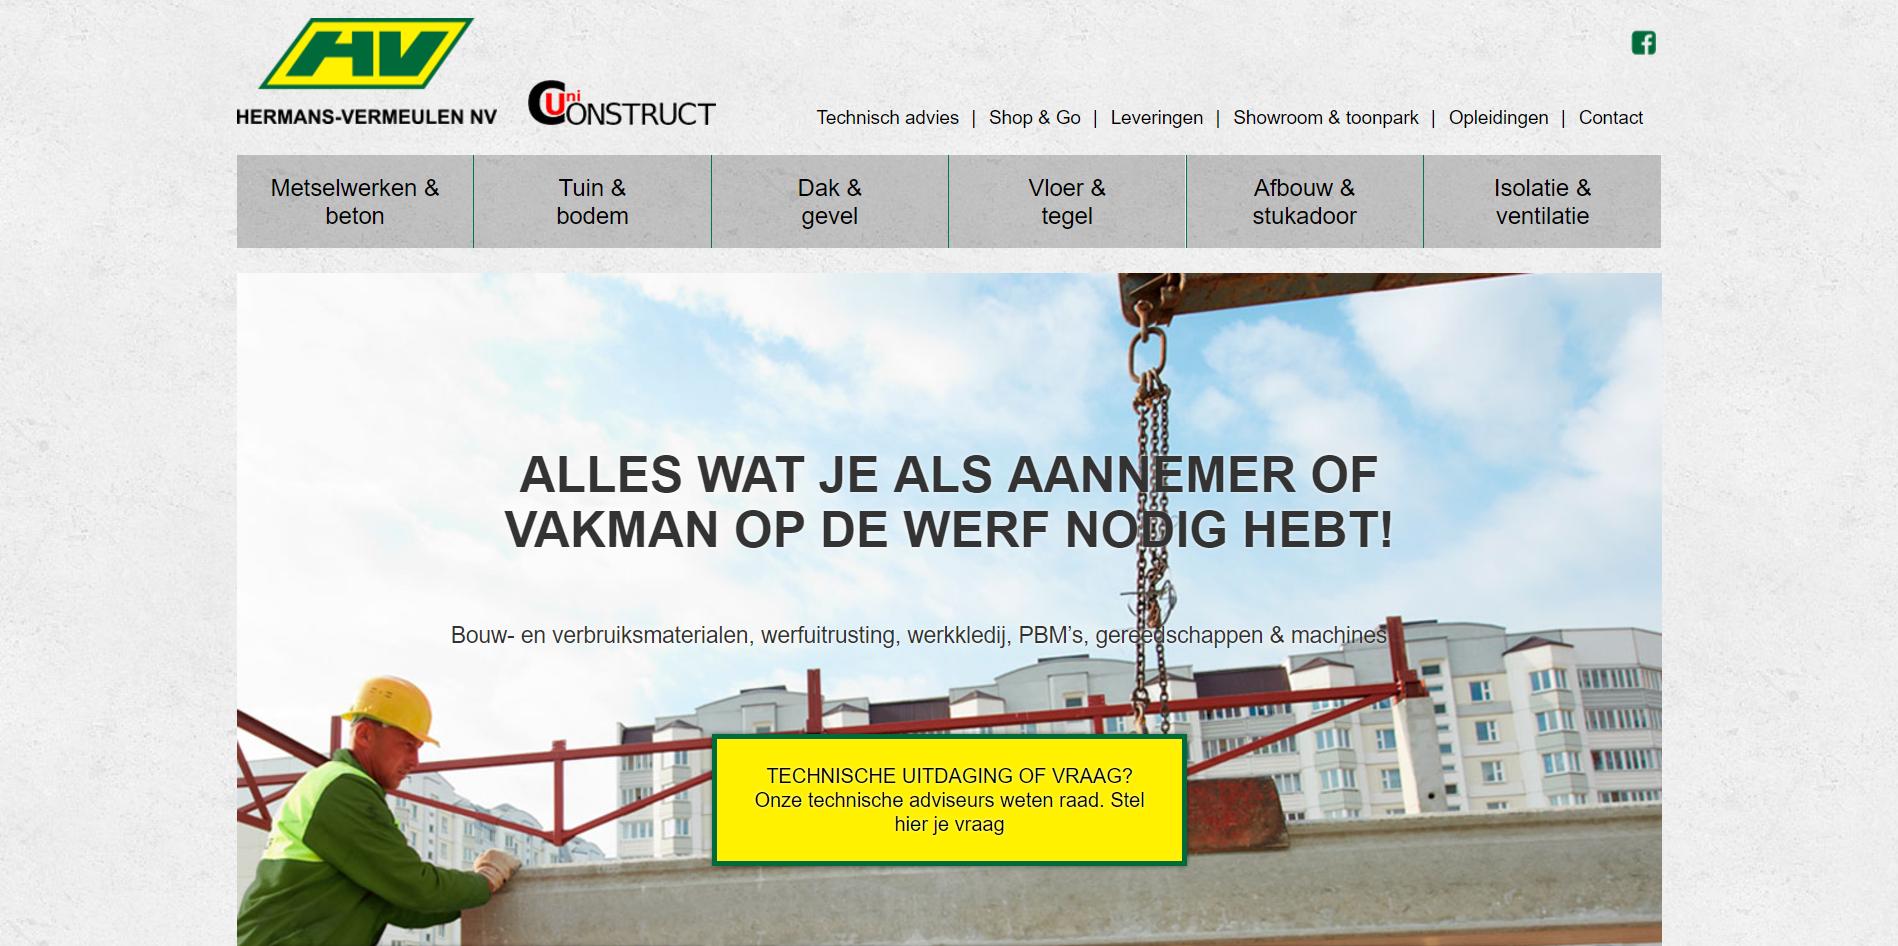 Website Hermans-Vermeulen